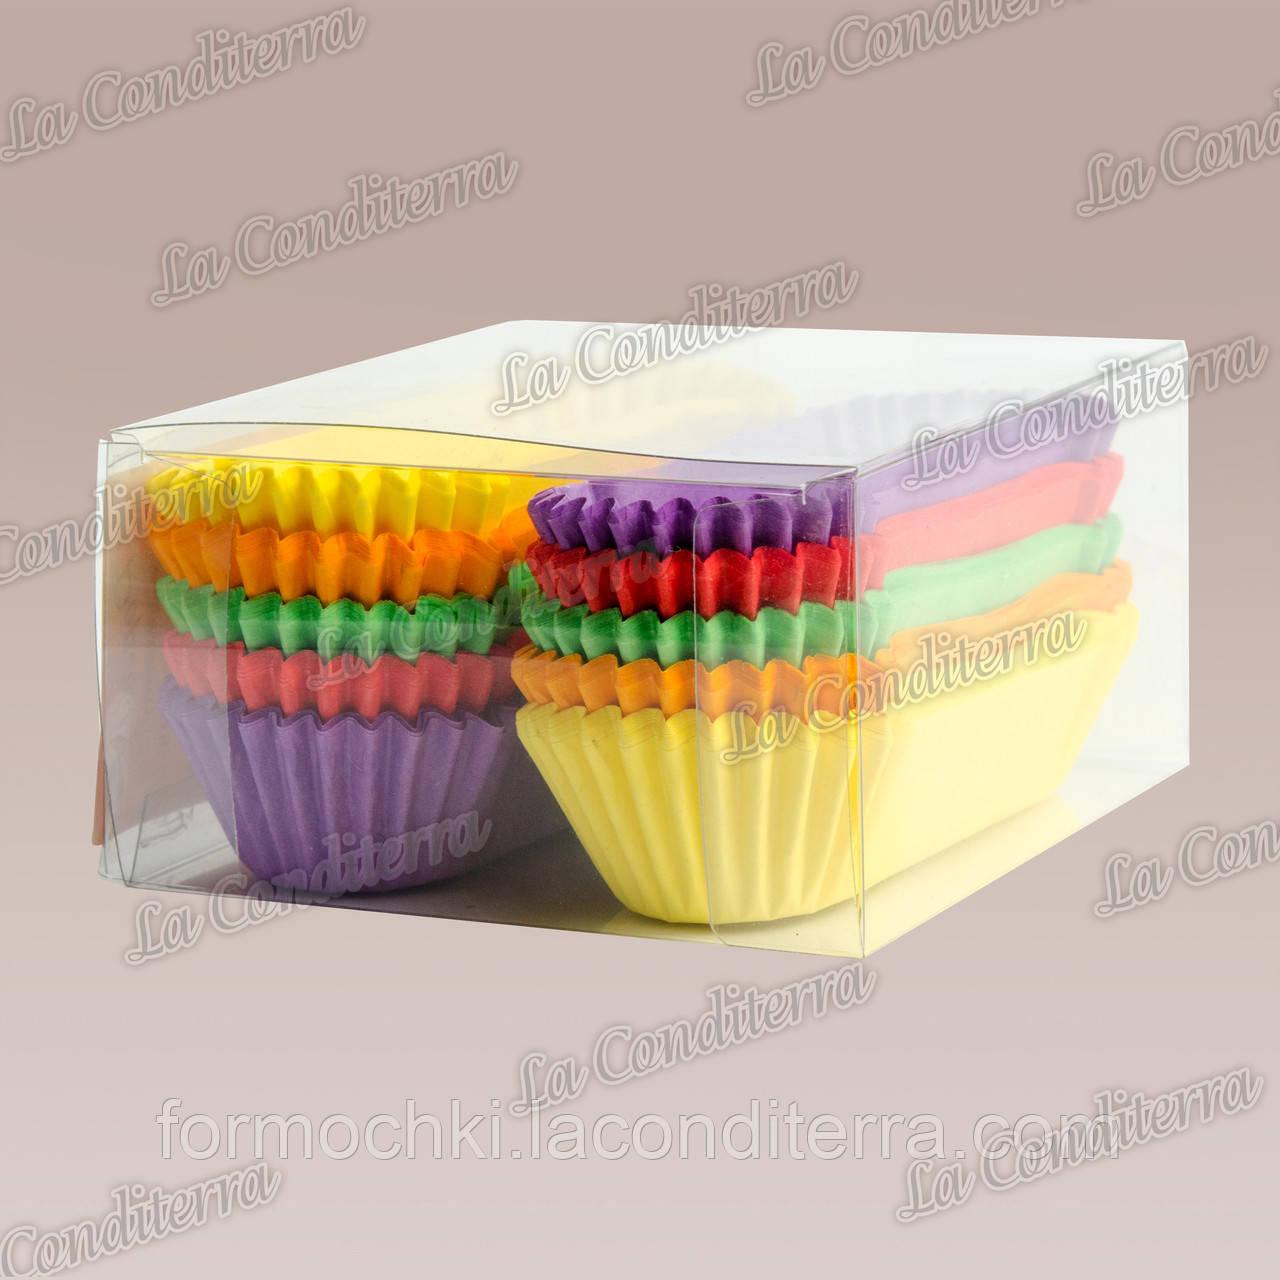 Формы для кексов OV10-ПУ (100x30 мм), микс-1, 150 шт.